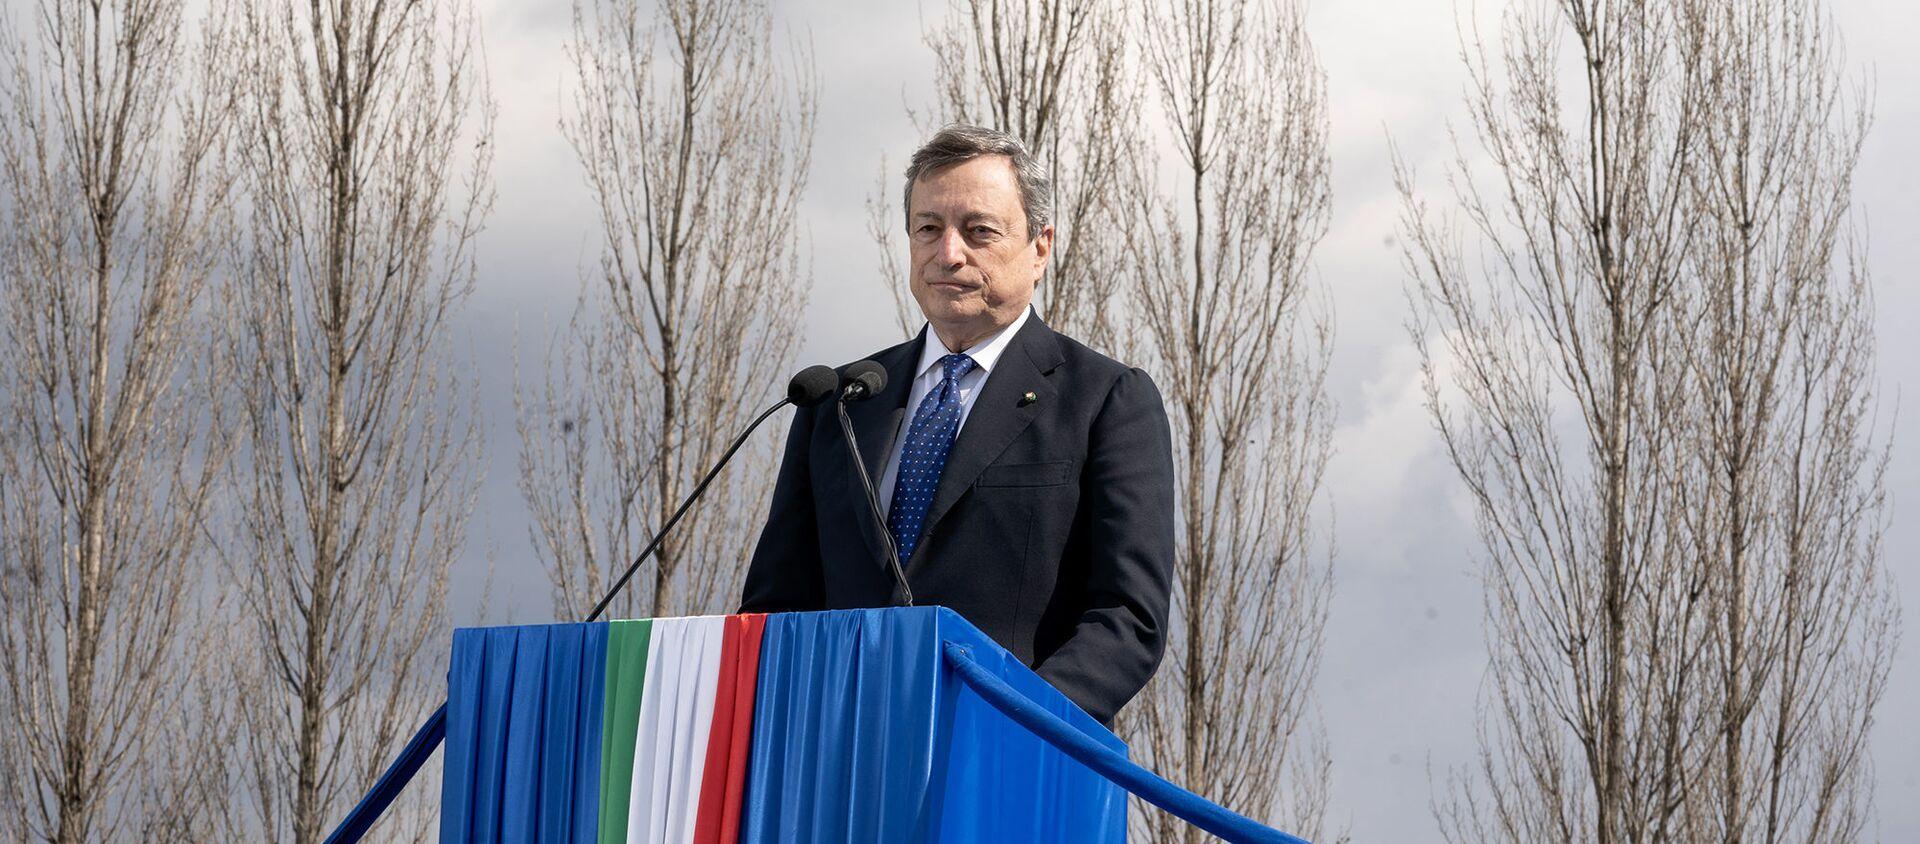 Il Presidente Draghi alla cerimonia d'inaugurazione del Bosco della Memoria - Sputnik Italia, 1920, 18.03.2021